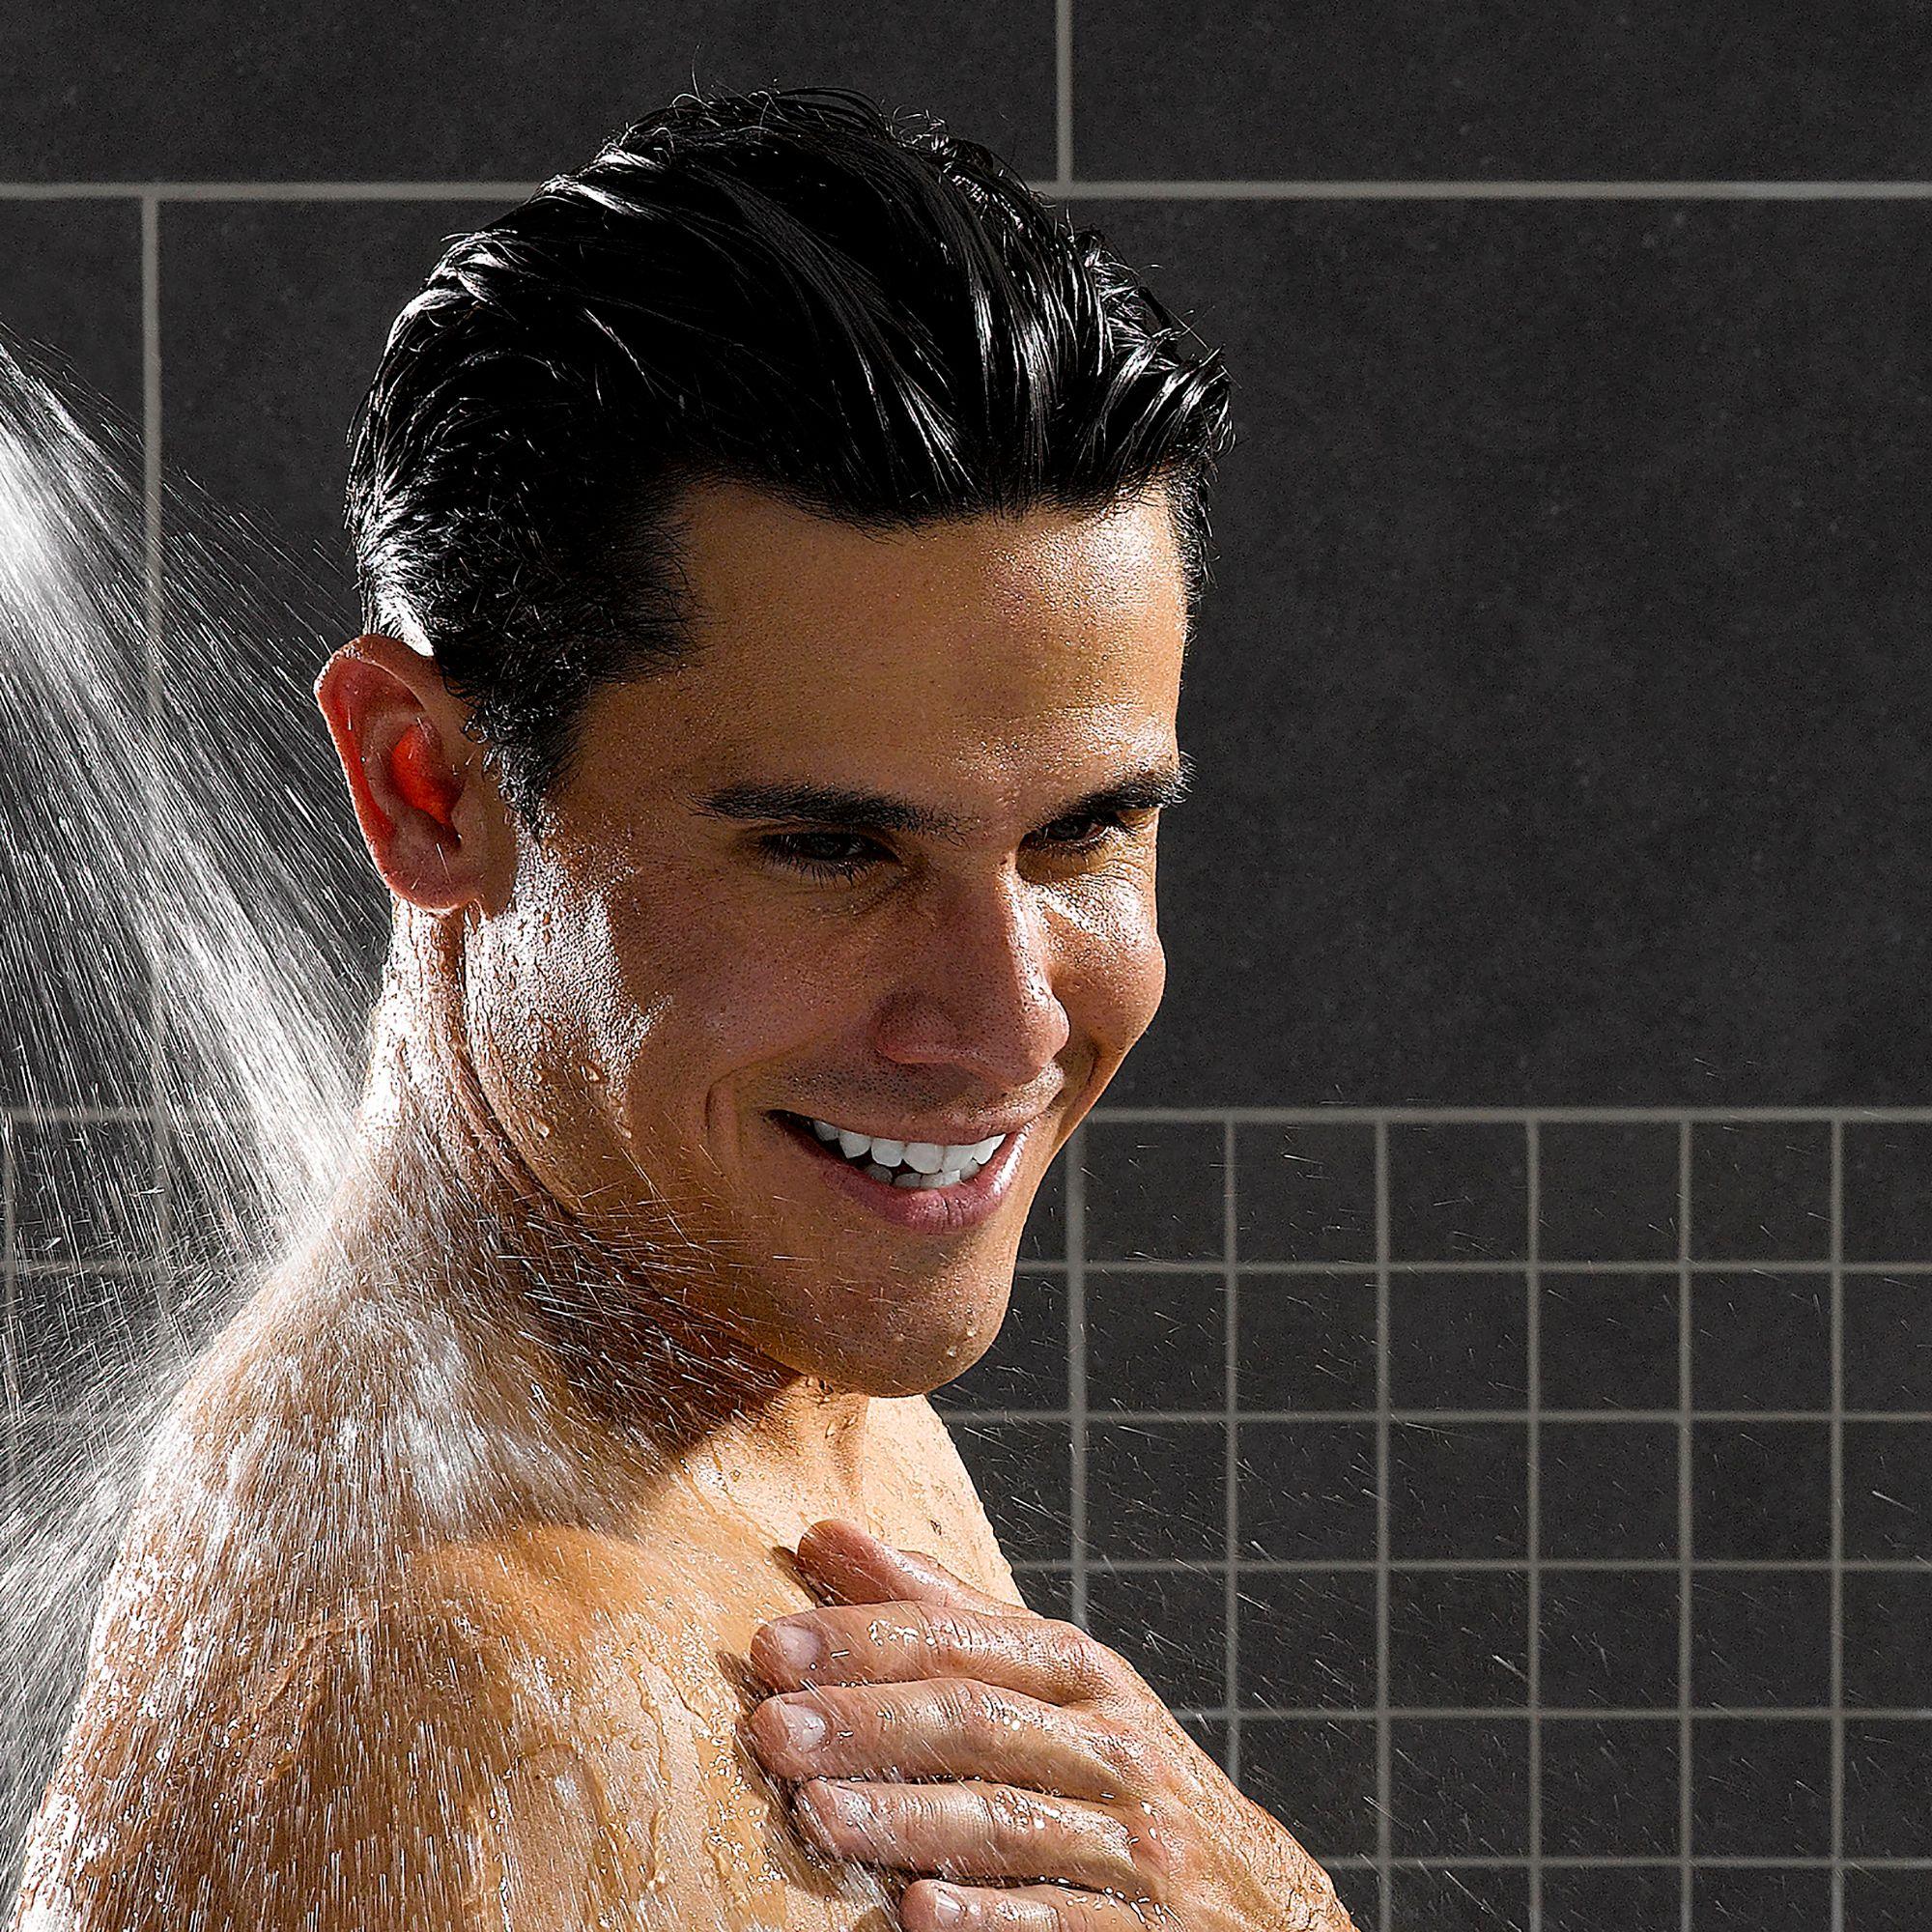 Vk boy shower cam hot girls wallpaper